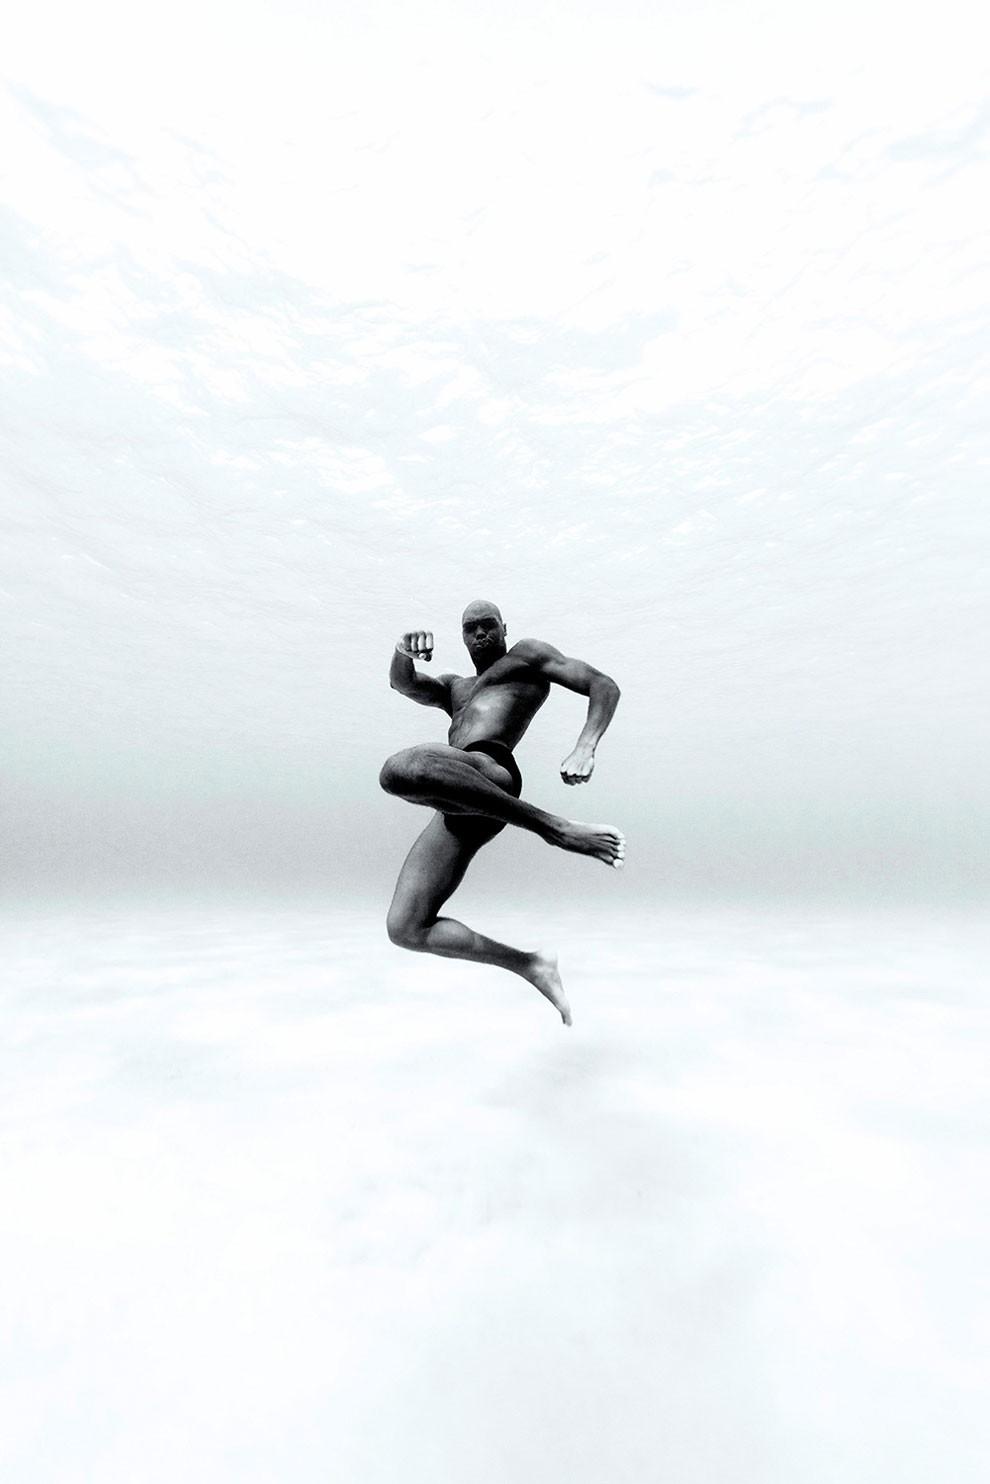 fotografia-subacquea-enric-adrian-gener-27mm-11